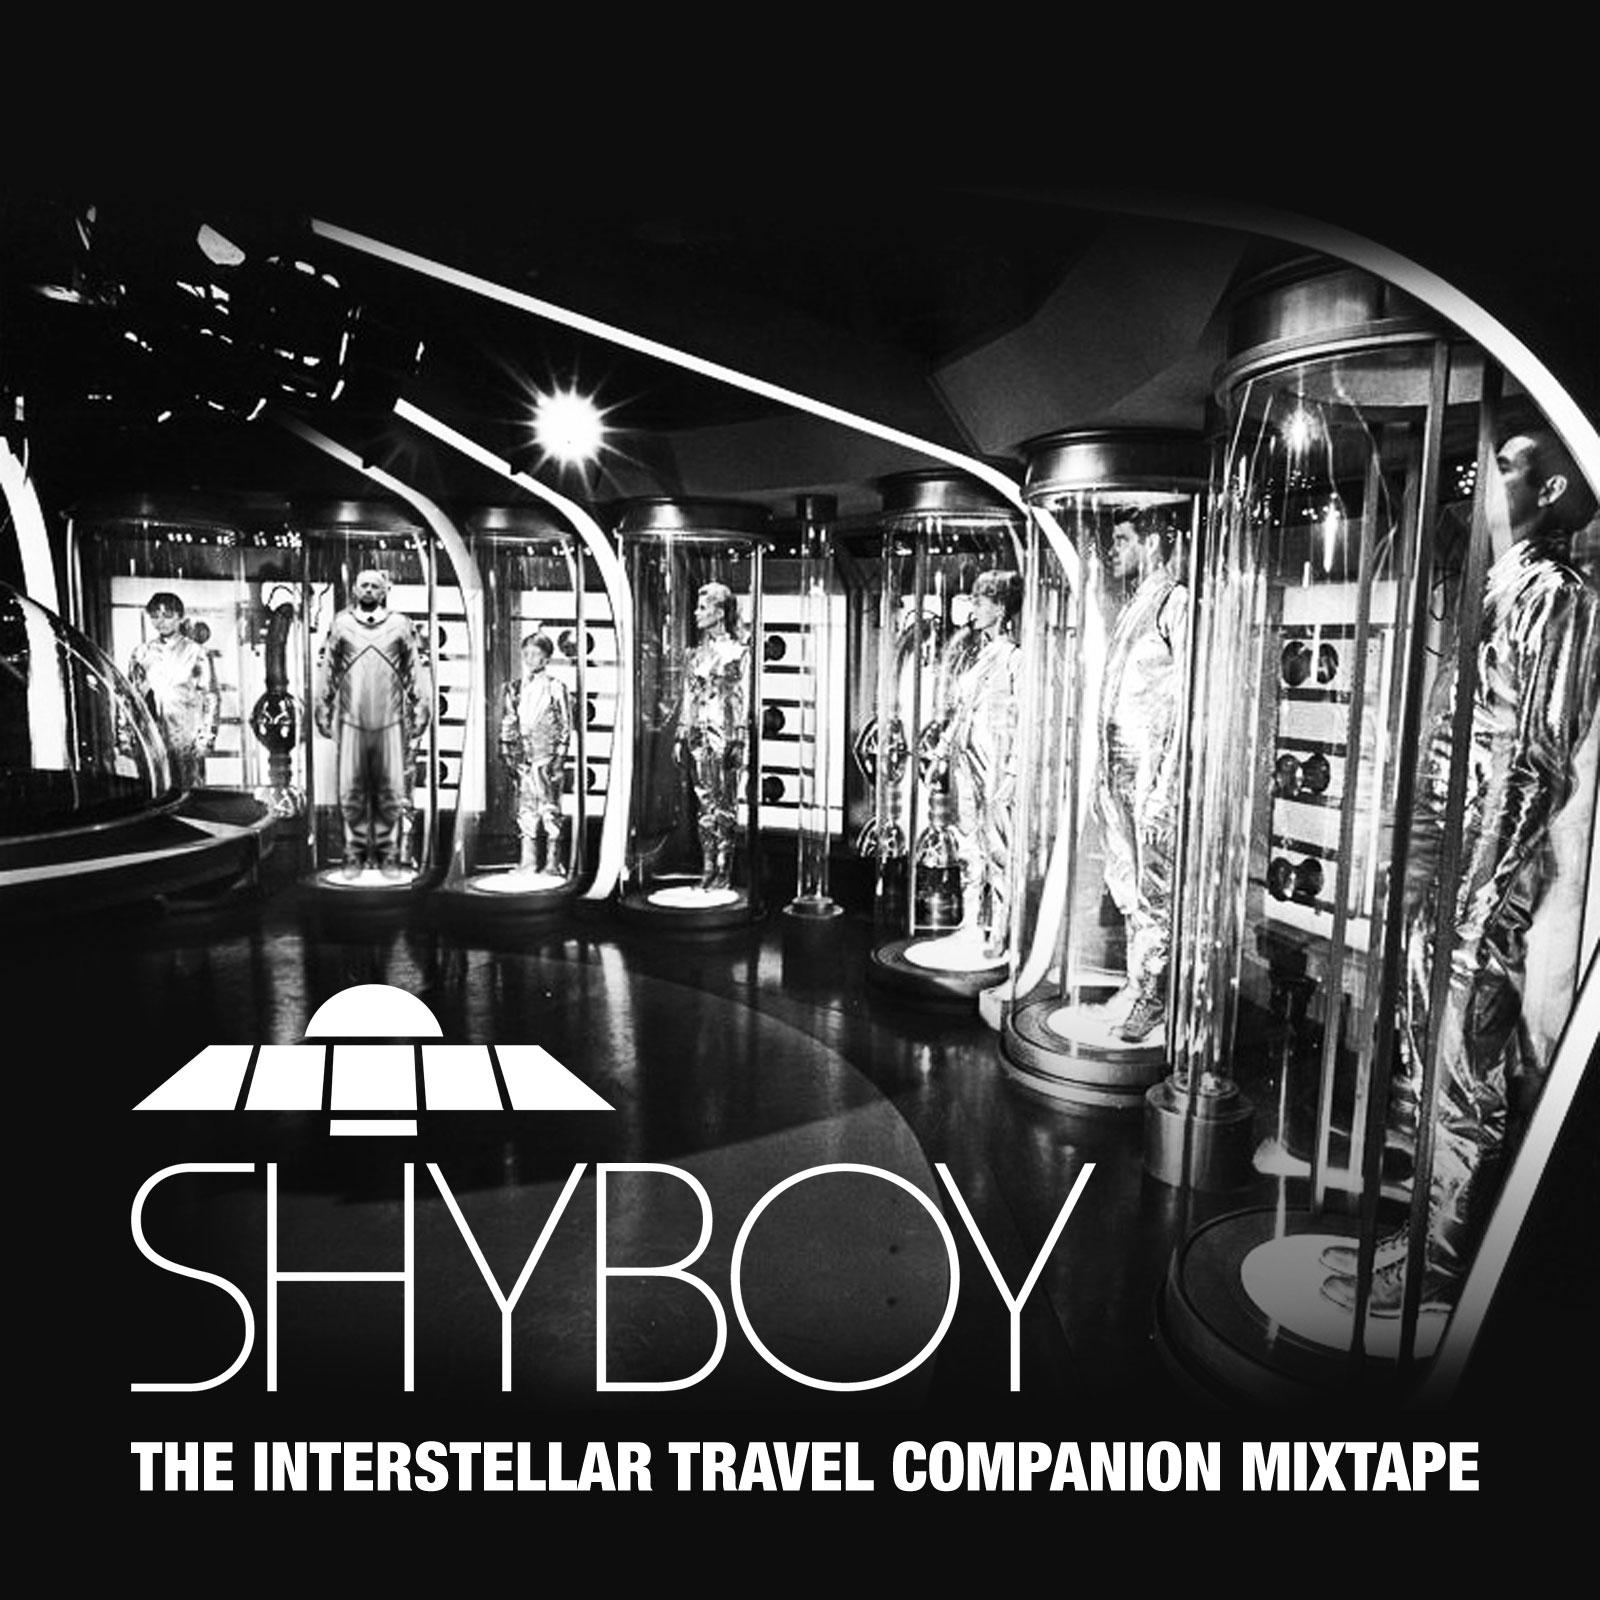 ShyBoy_TISTCM_KeyArt.jpg